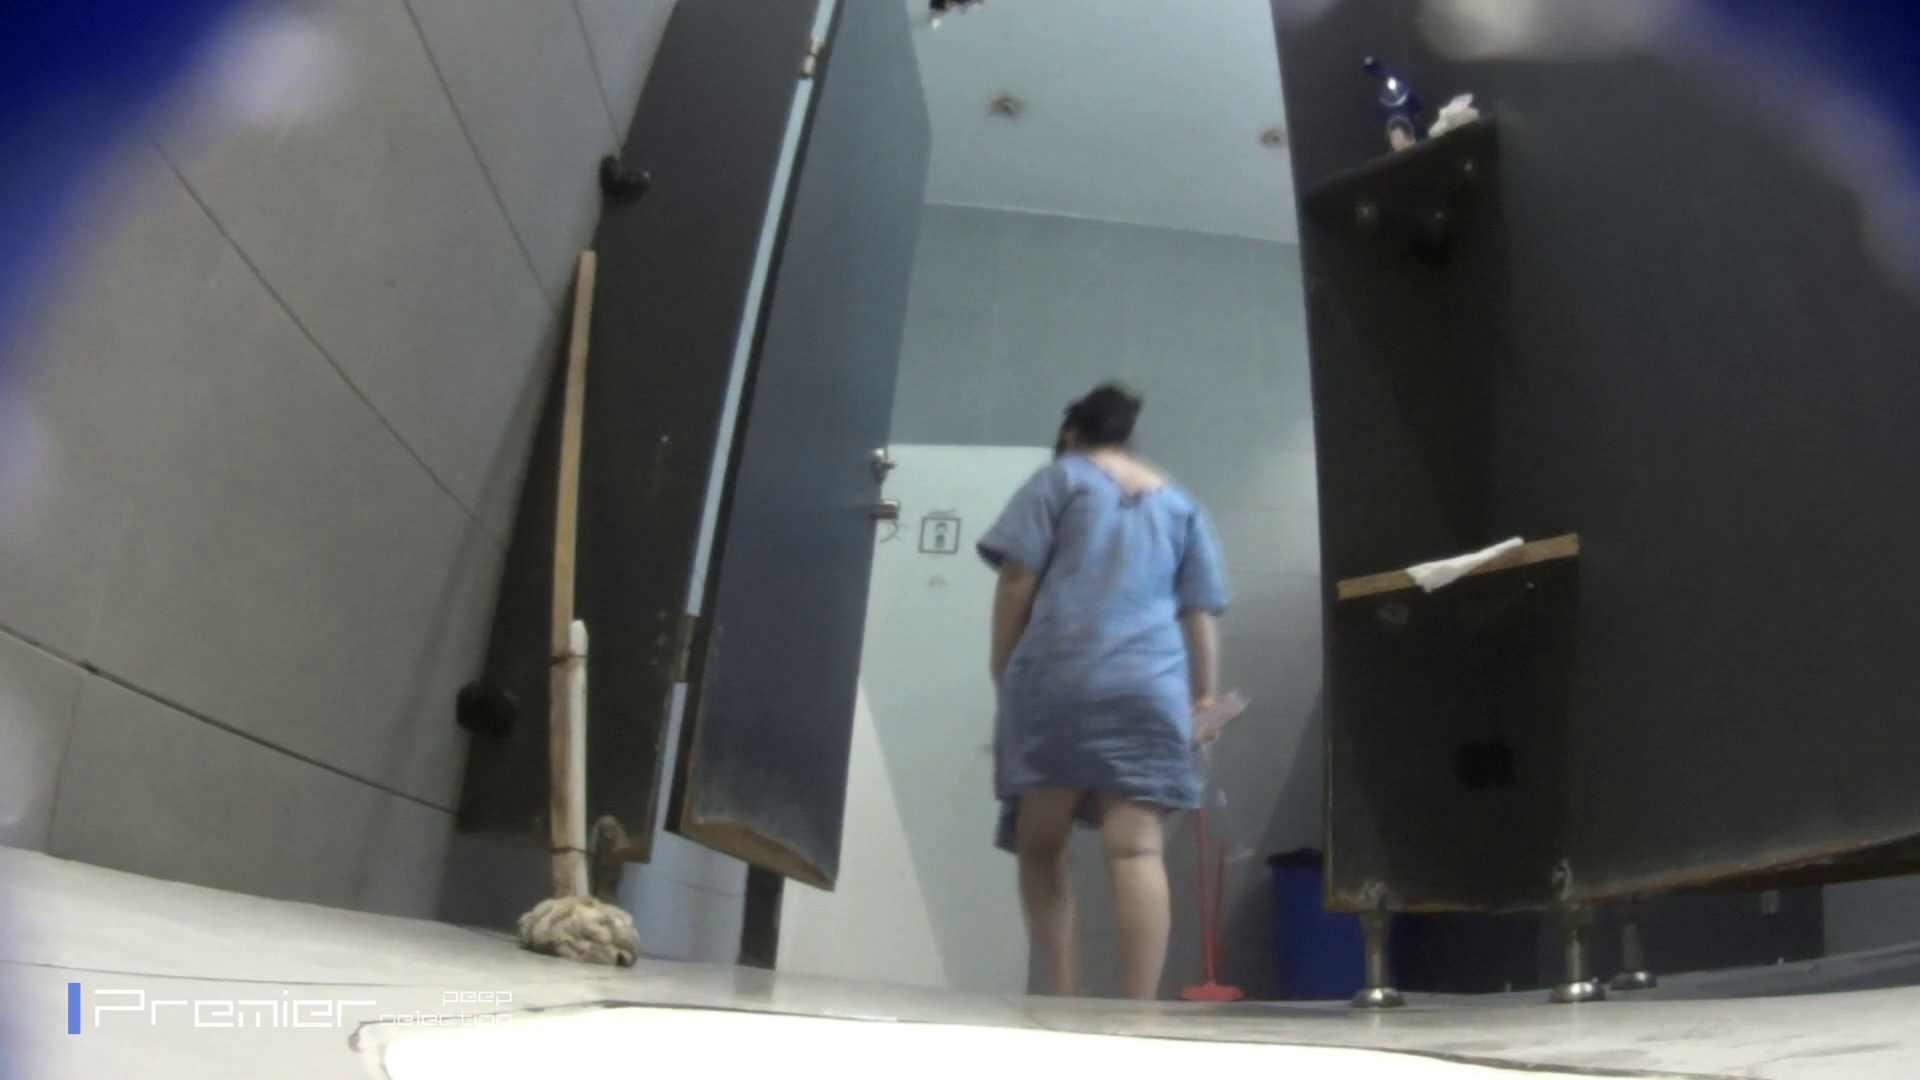 個室のドアを開けたまま放nyoする乙女 大学休憩時間の洗面所事情85 洗面所 | 細身  96画像 34